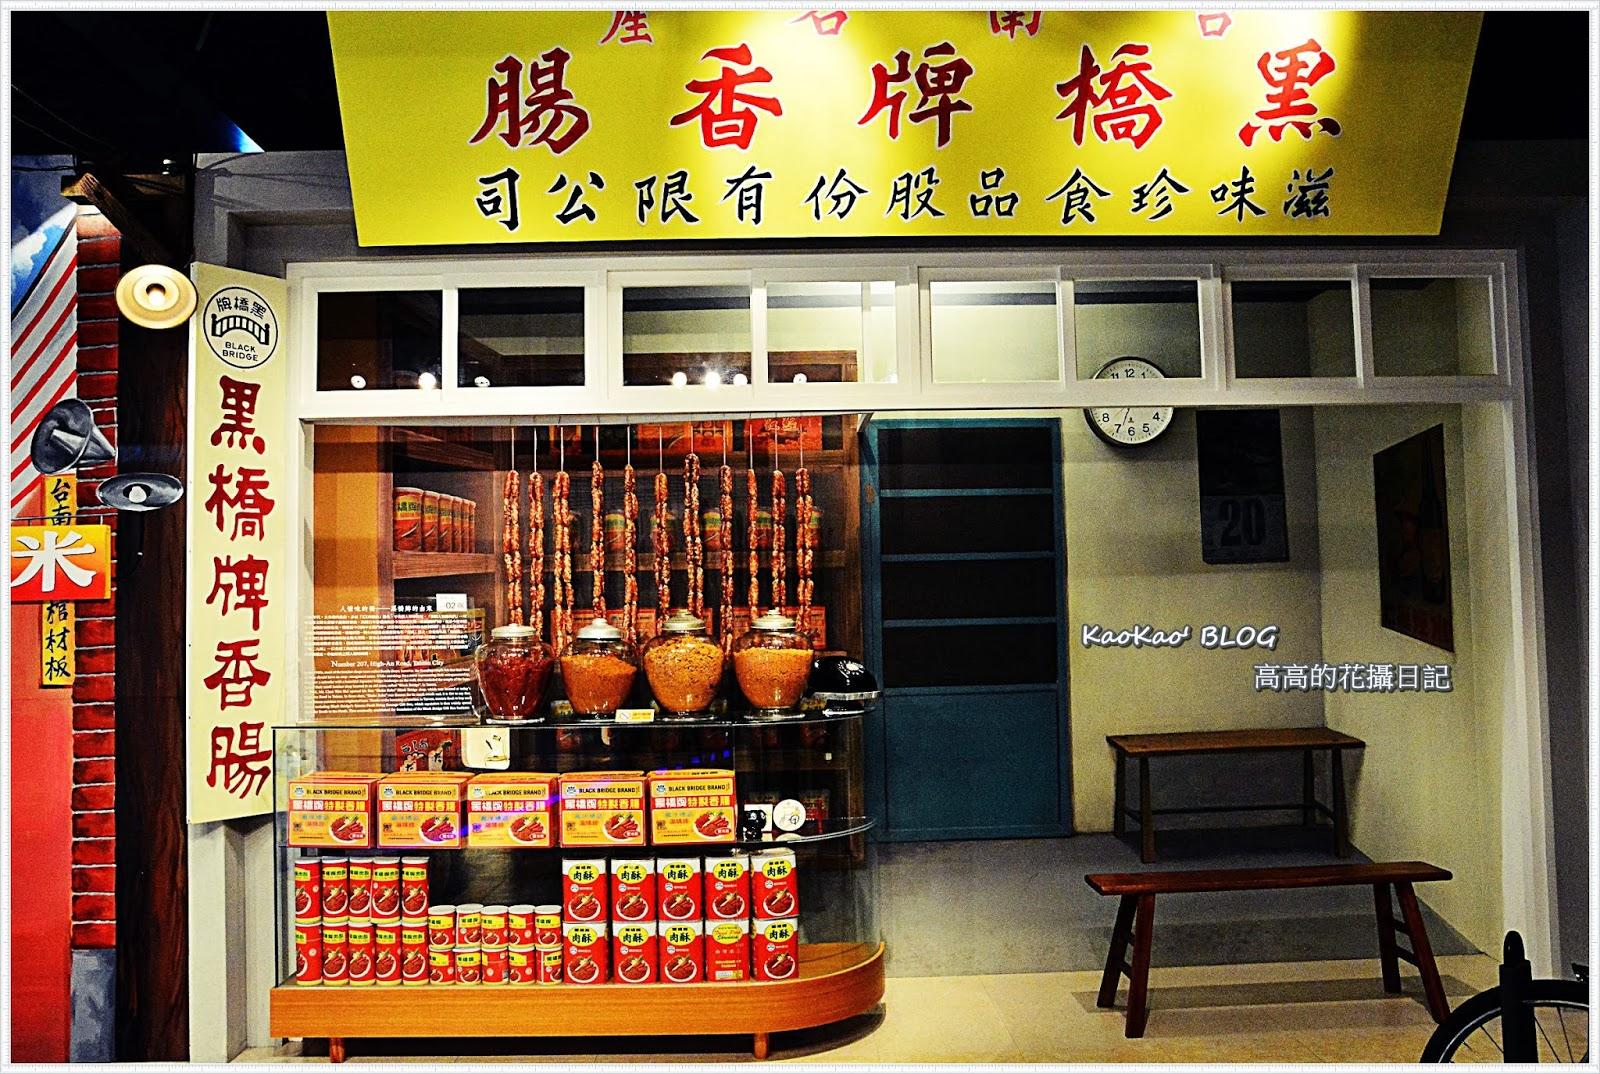 高高的花攝日記: 【臺南】黑橋牌。香腸博物館